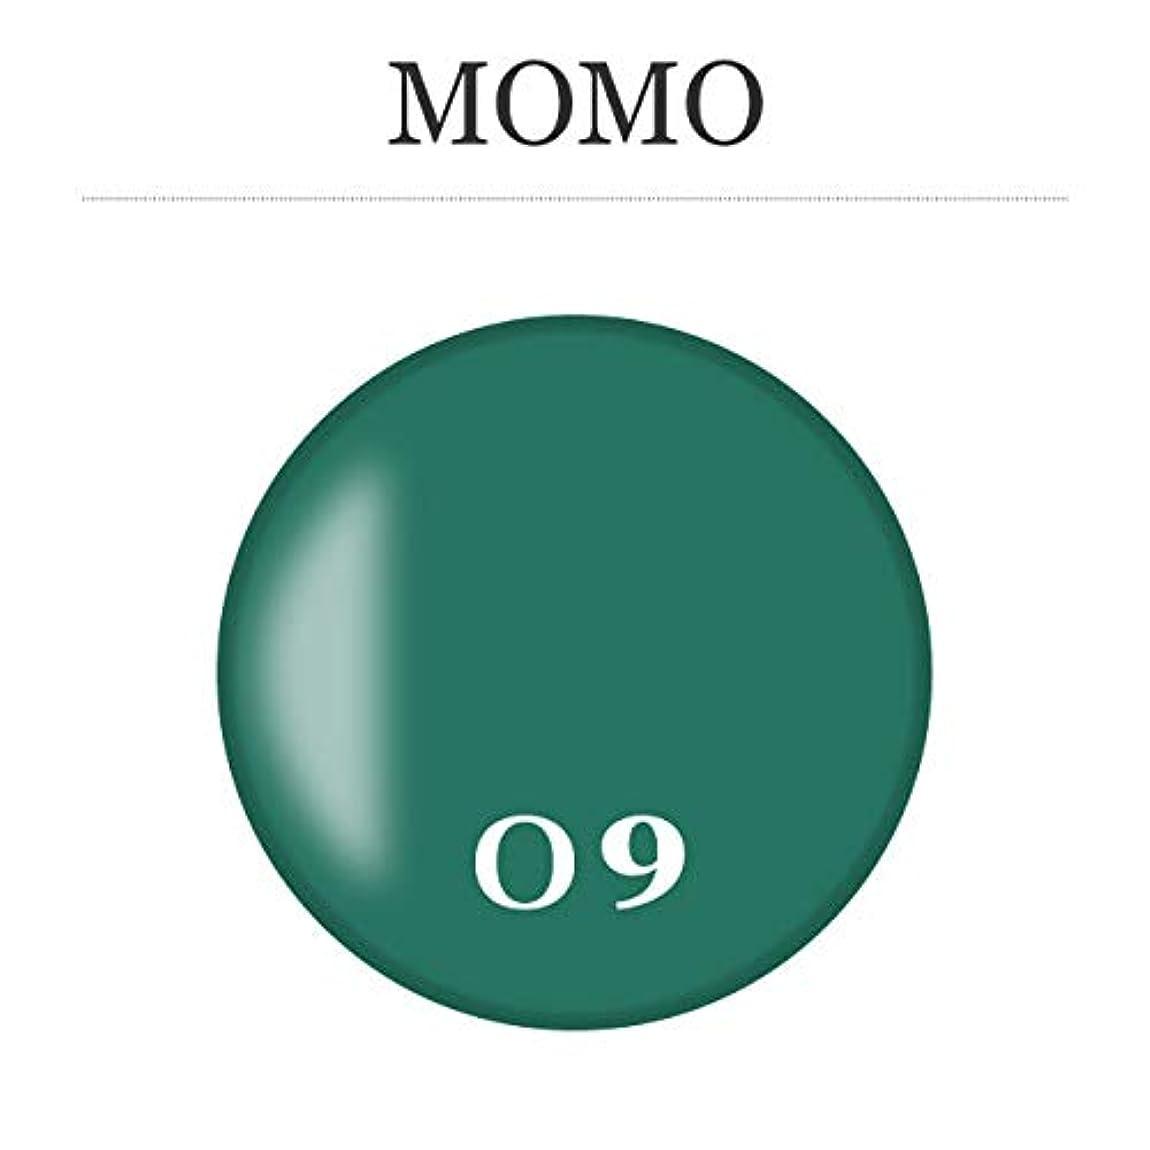 販売計画力学指標カラージェル MOMO-09 by nail for all